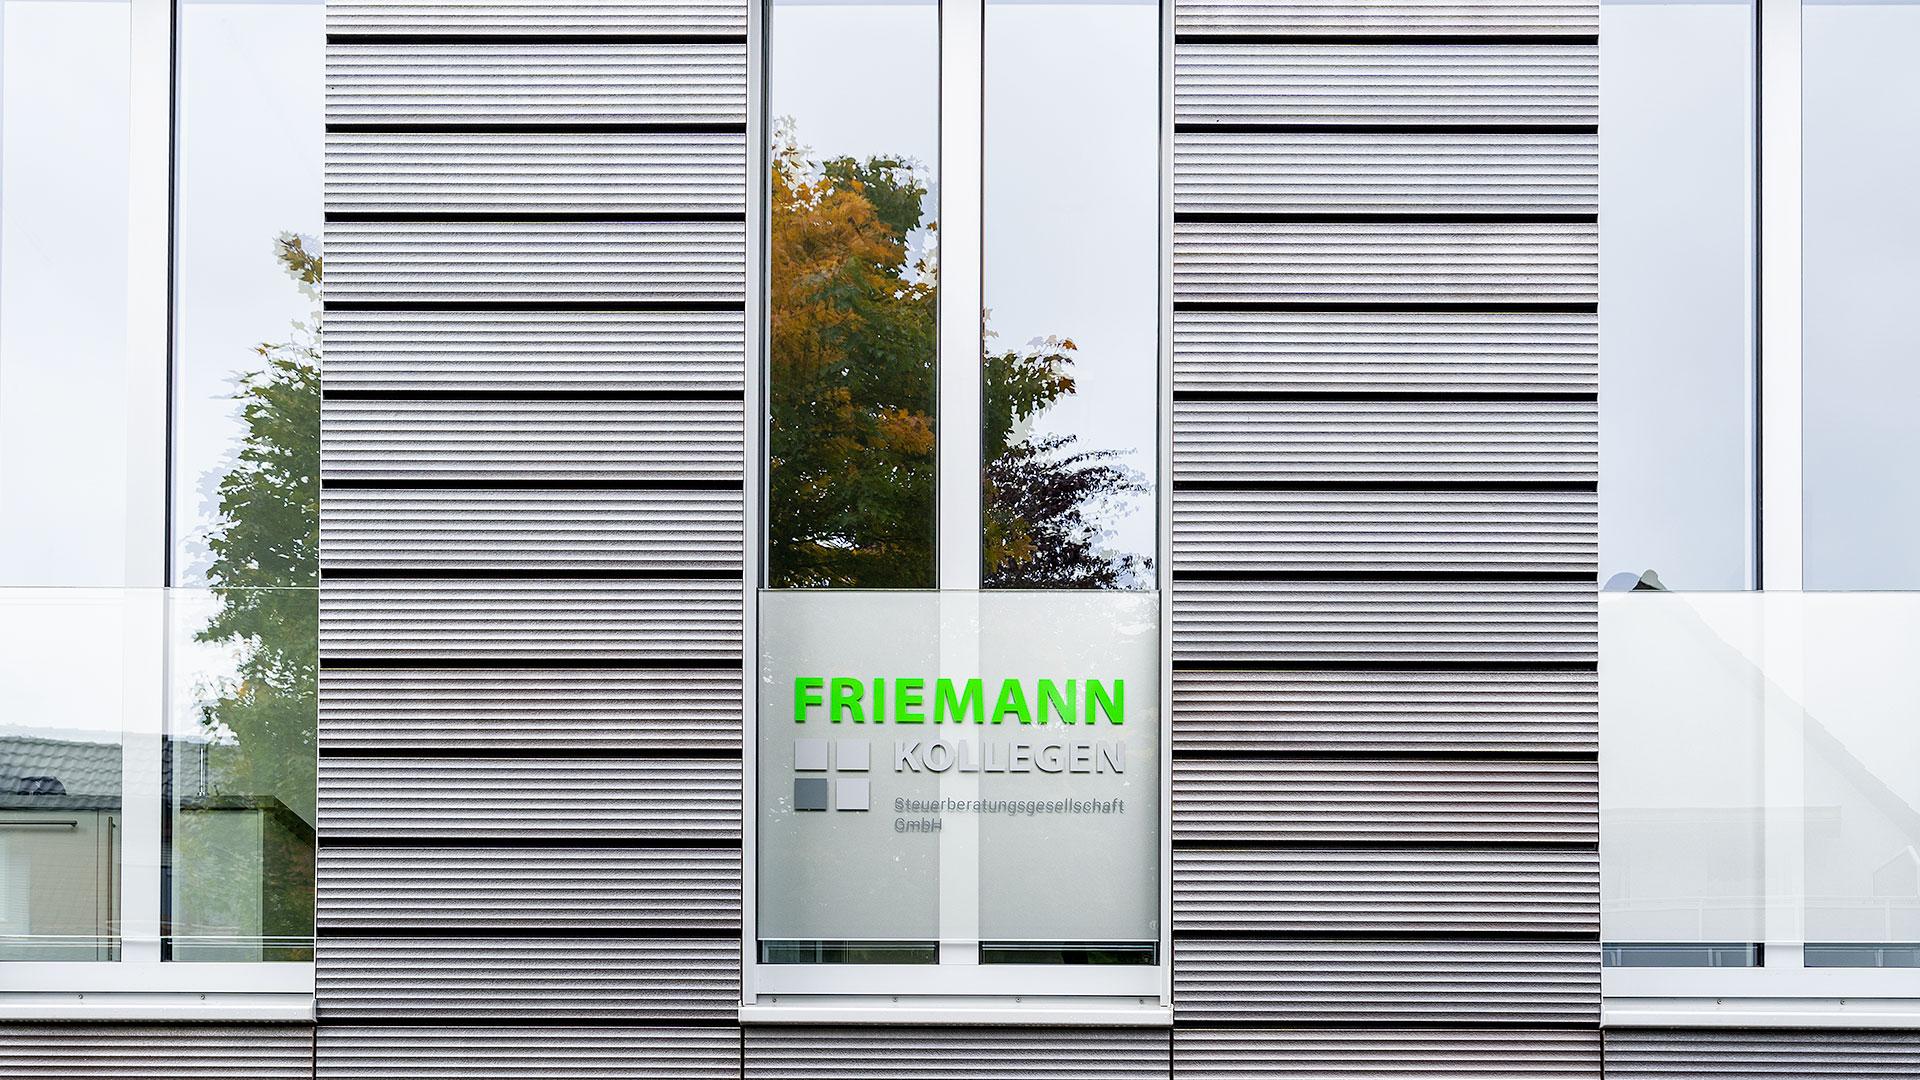 Beschilderung Friemann + Kollegen